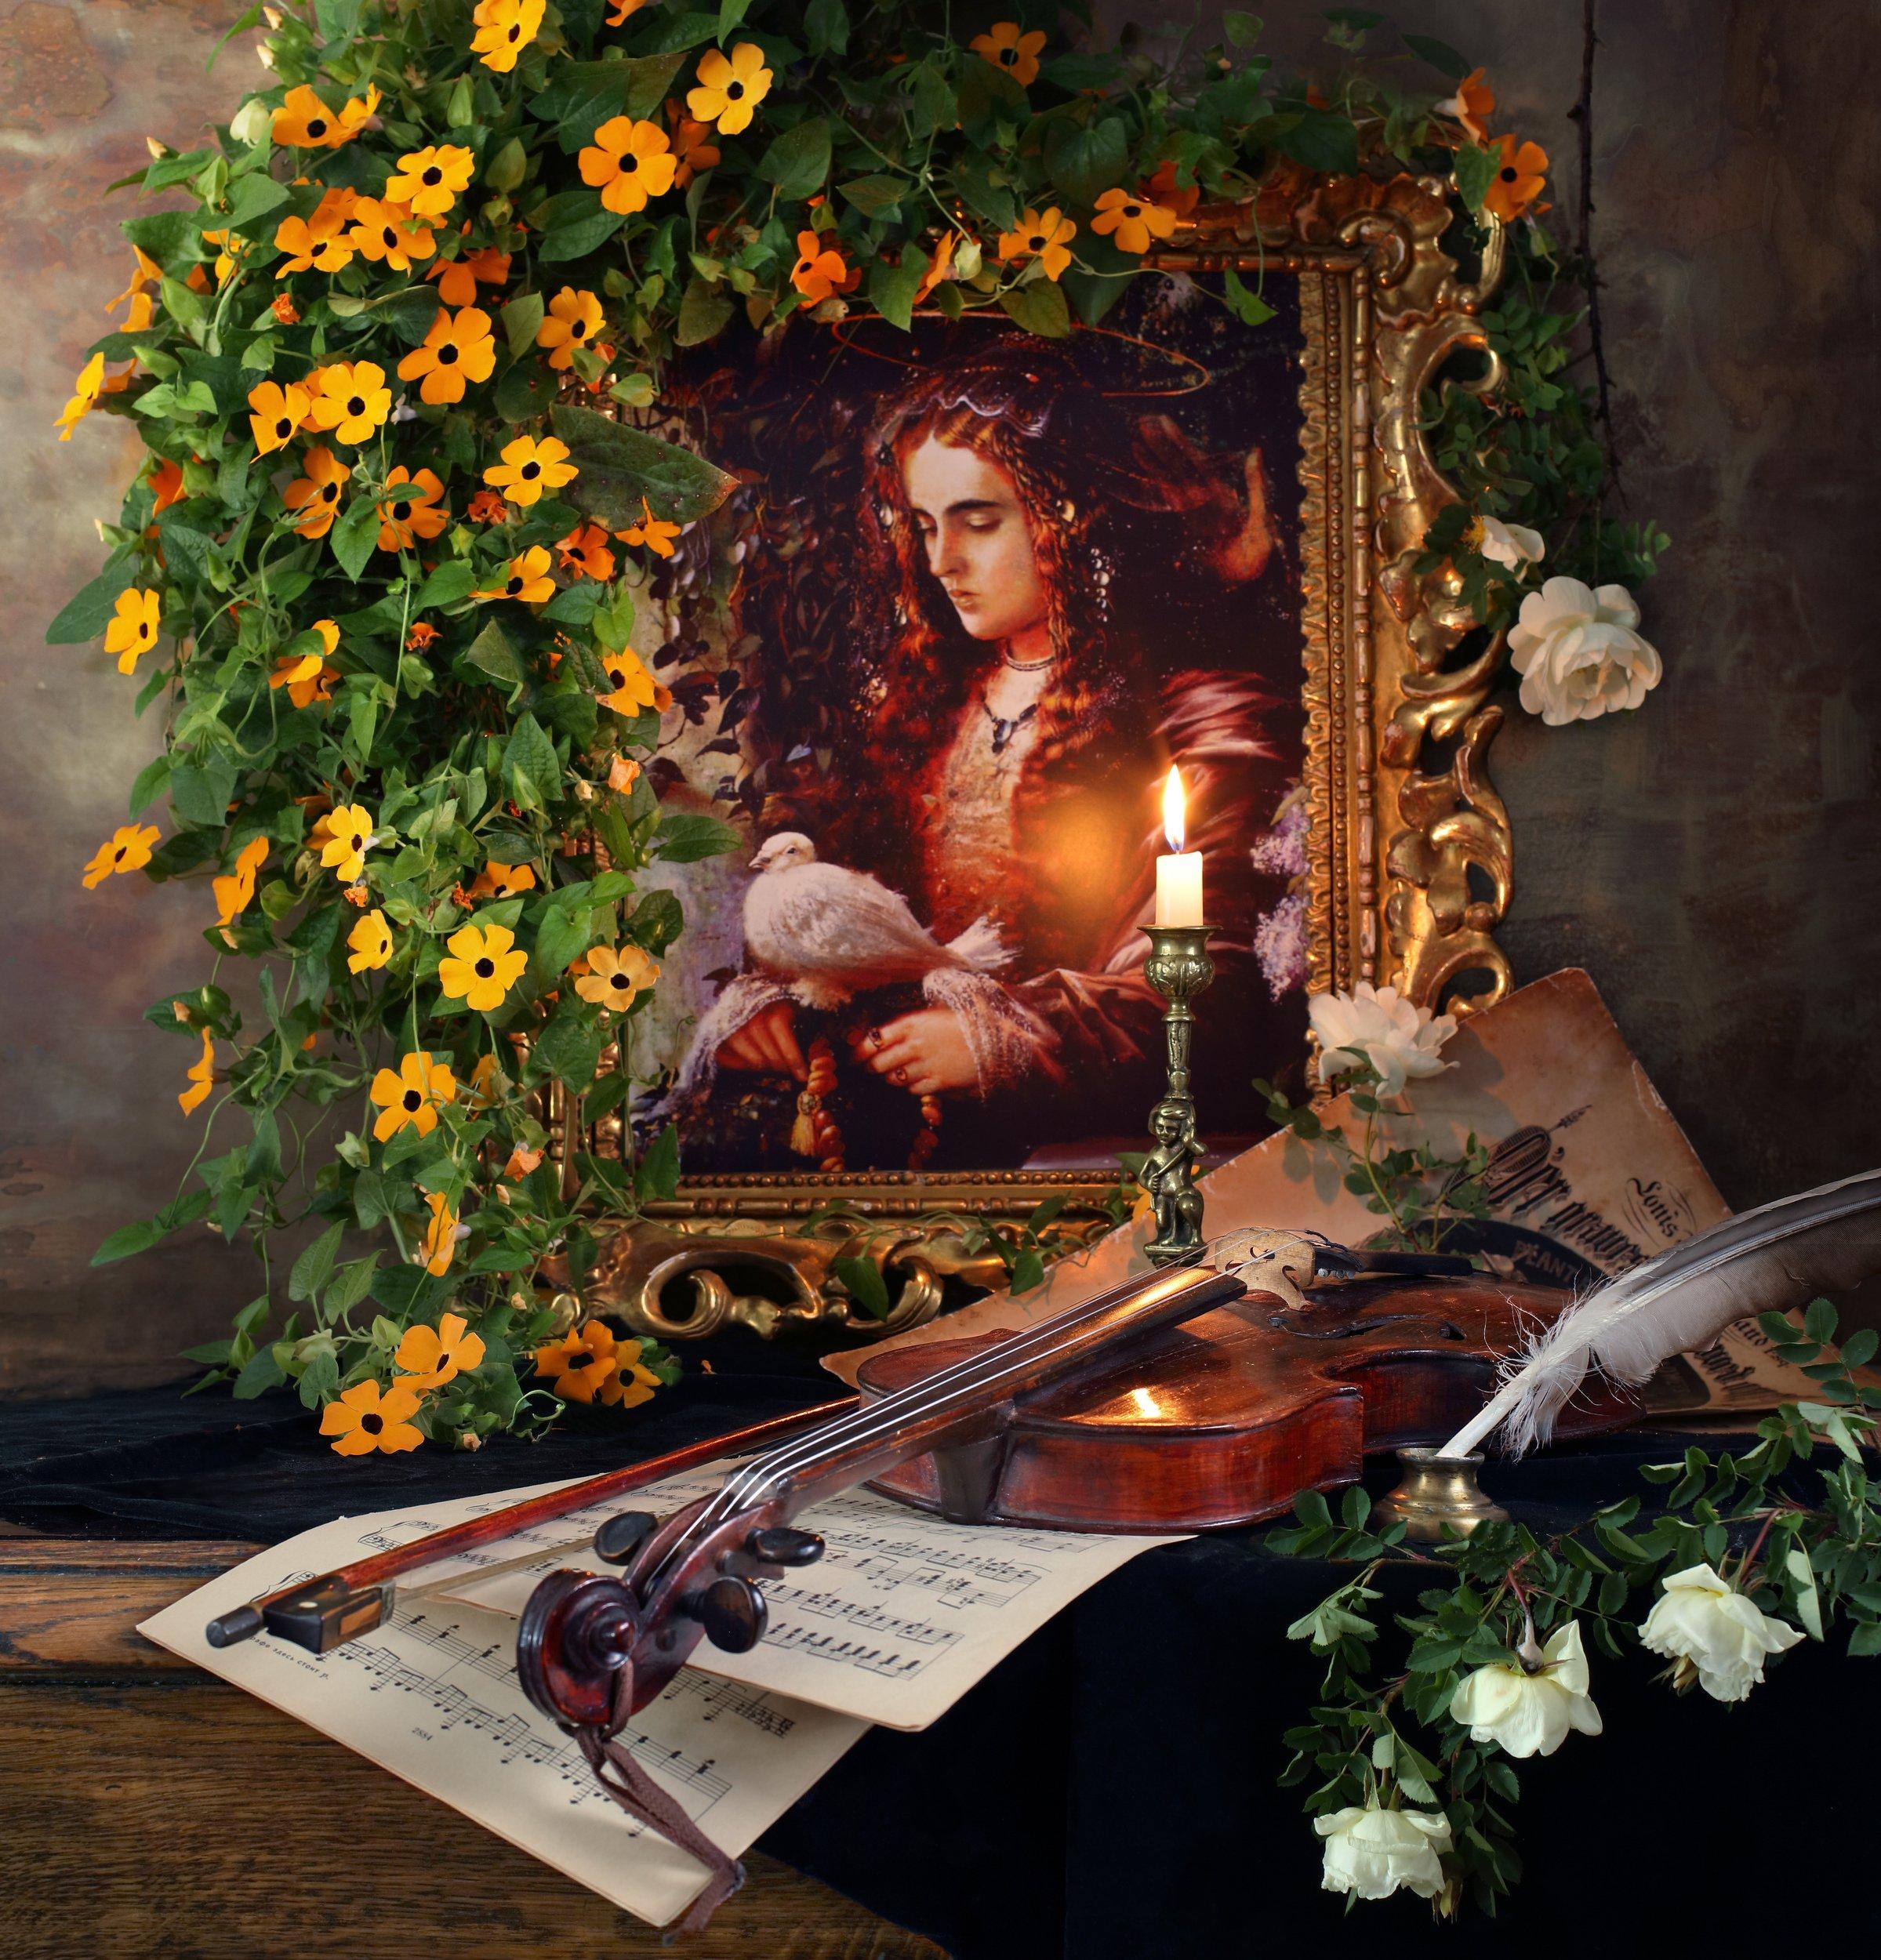 цветы, тунбергия, розы, скрипка, музыка, свеча, девушка, картина, Морозов Андрей